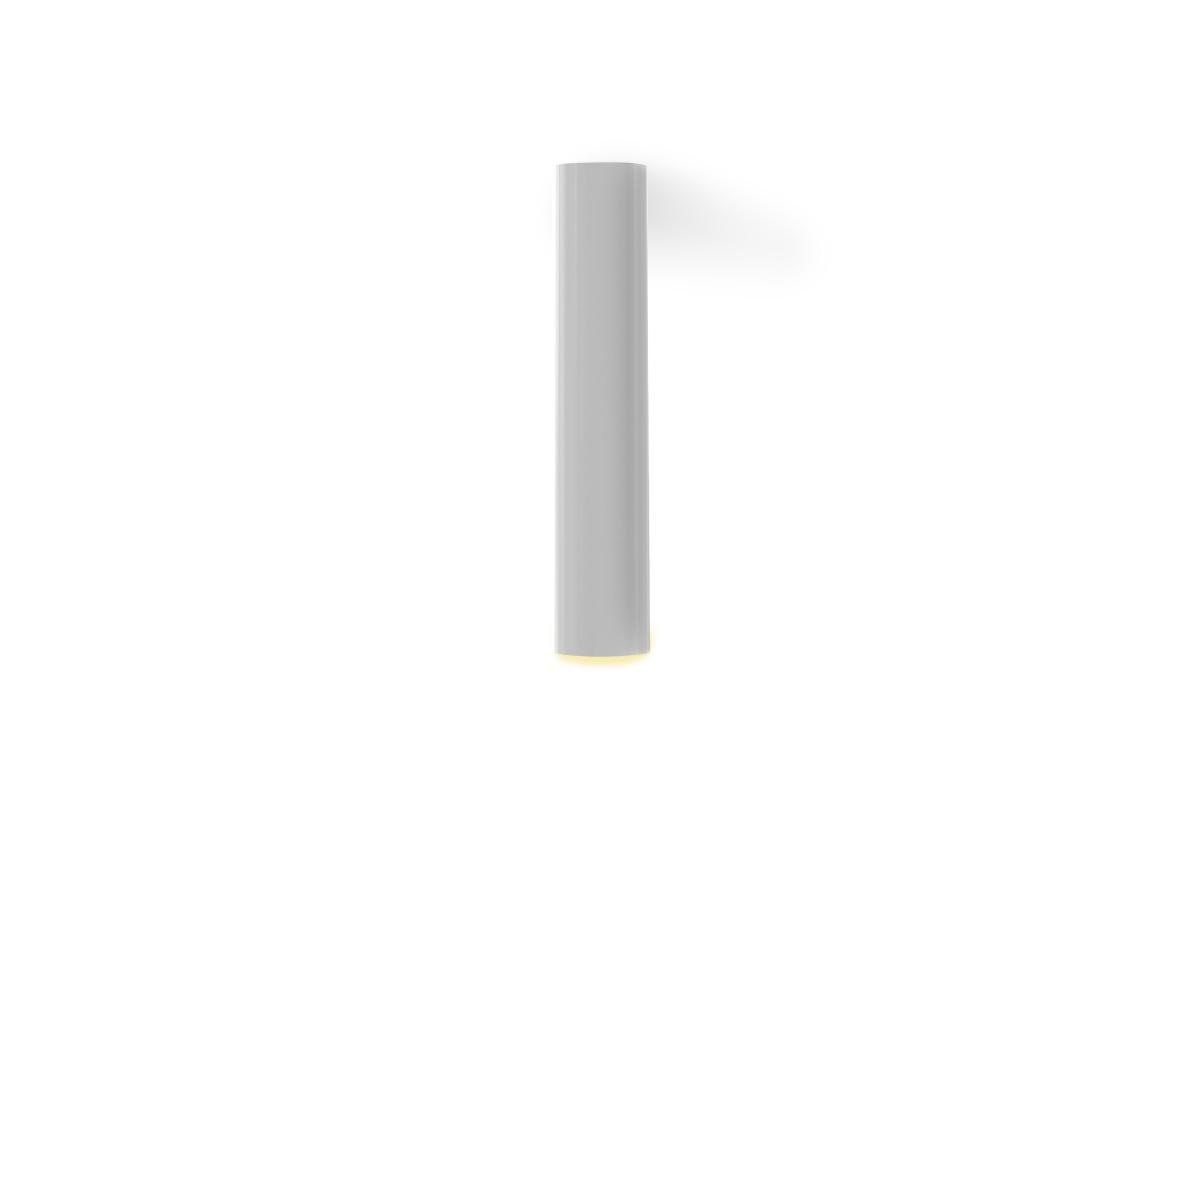 Φωτιστικό οροφής σωλήνας λευκός ΛΑΜΠΕΣ white tube ceiling spotlight